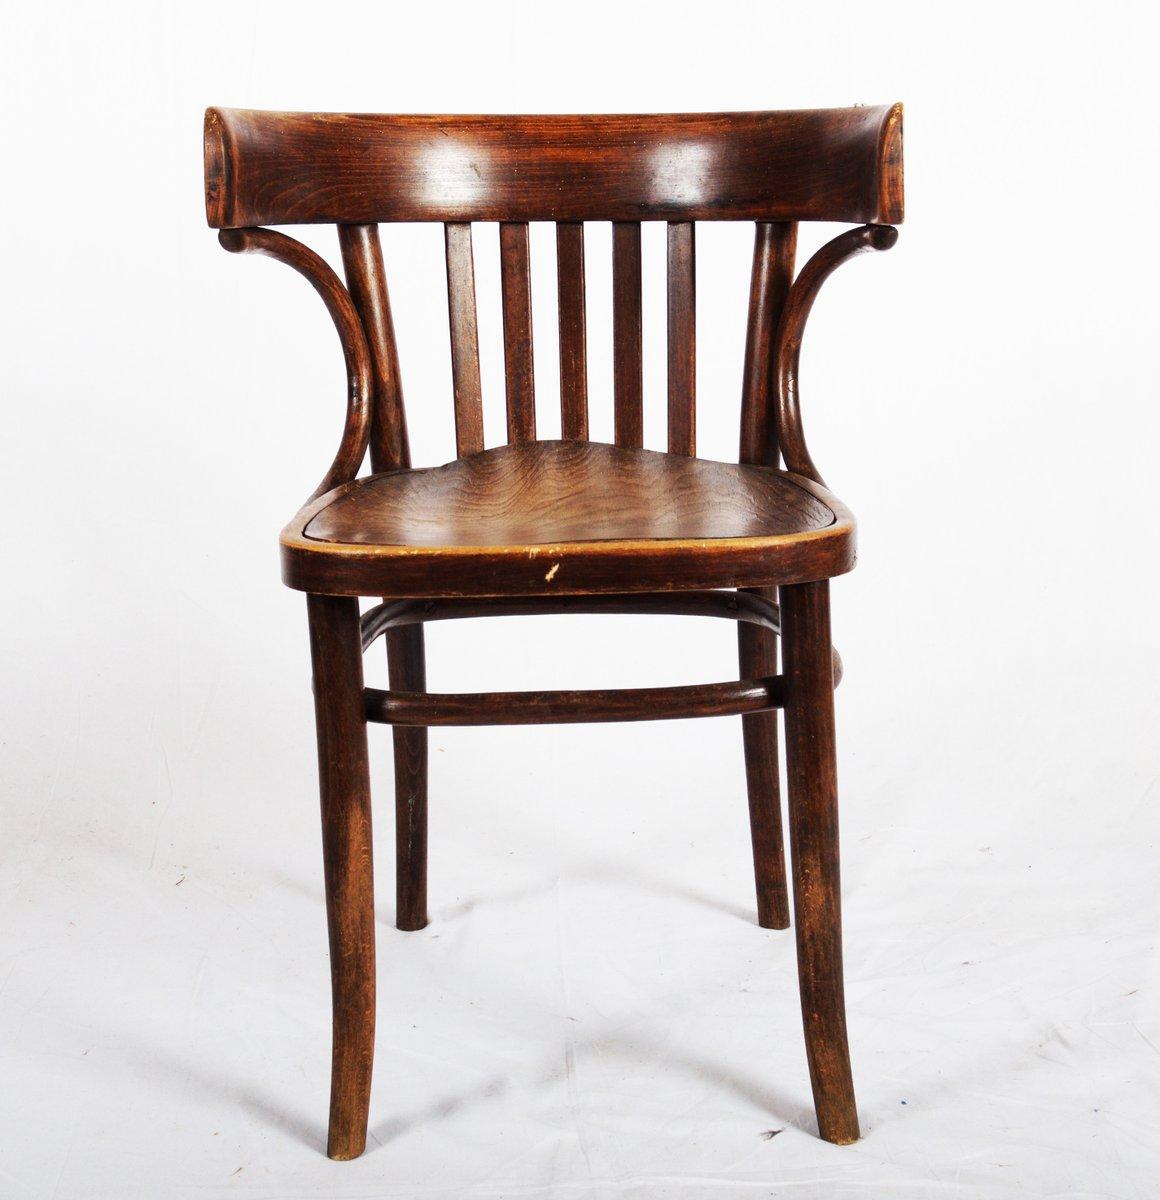 chaise de bistrot par michael thonet 1920s en vente sur pamono. Black Bedroom Furniture Sets. Home Design Ideas